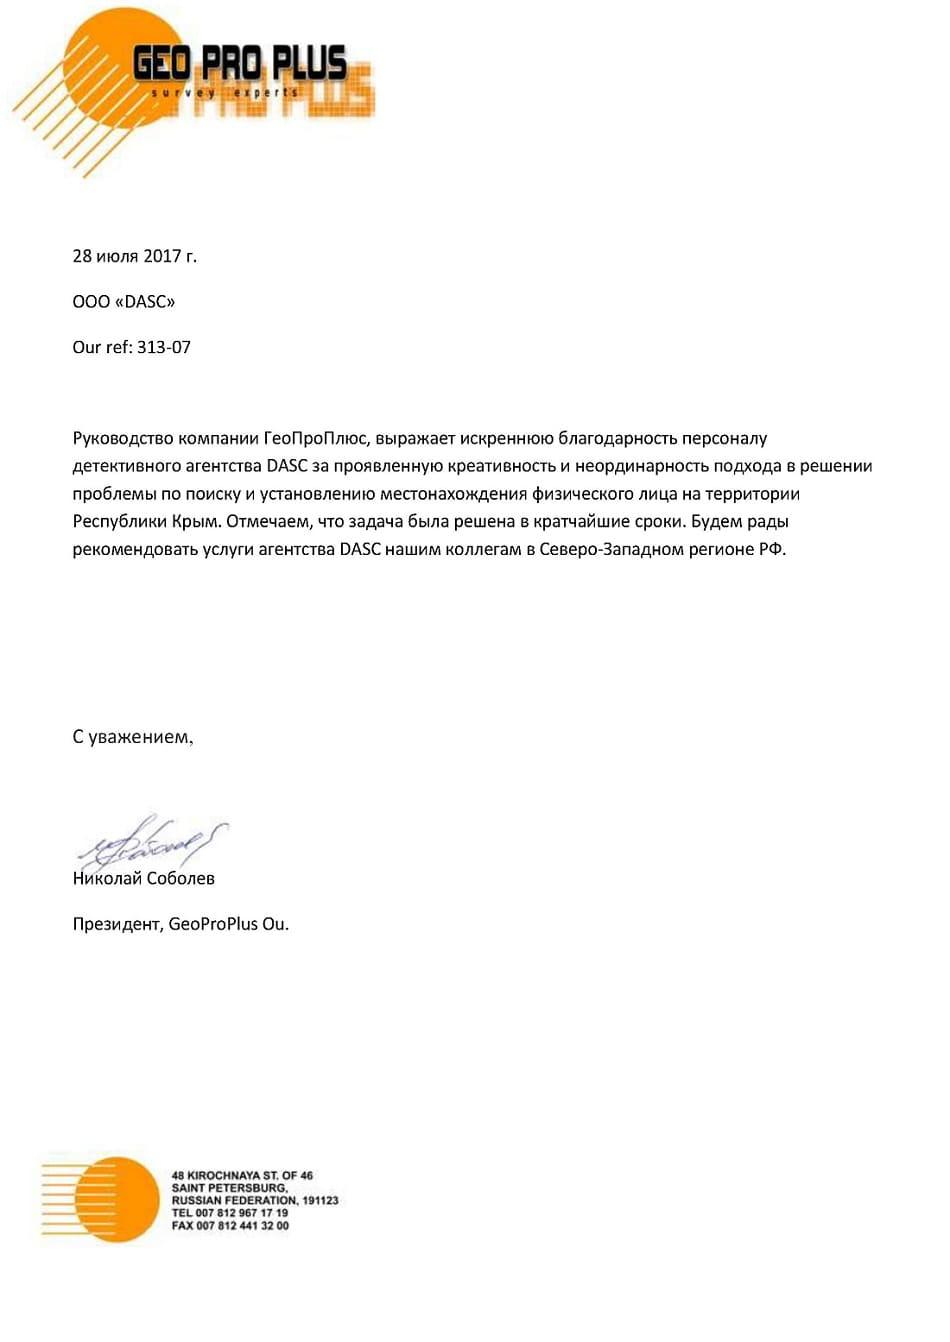 Благодарственный отзыв детективному агентству DASC от GEO PRO PLUS